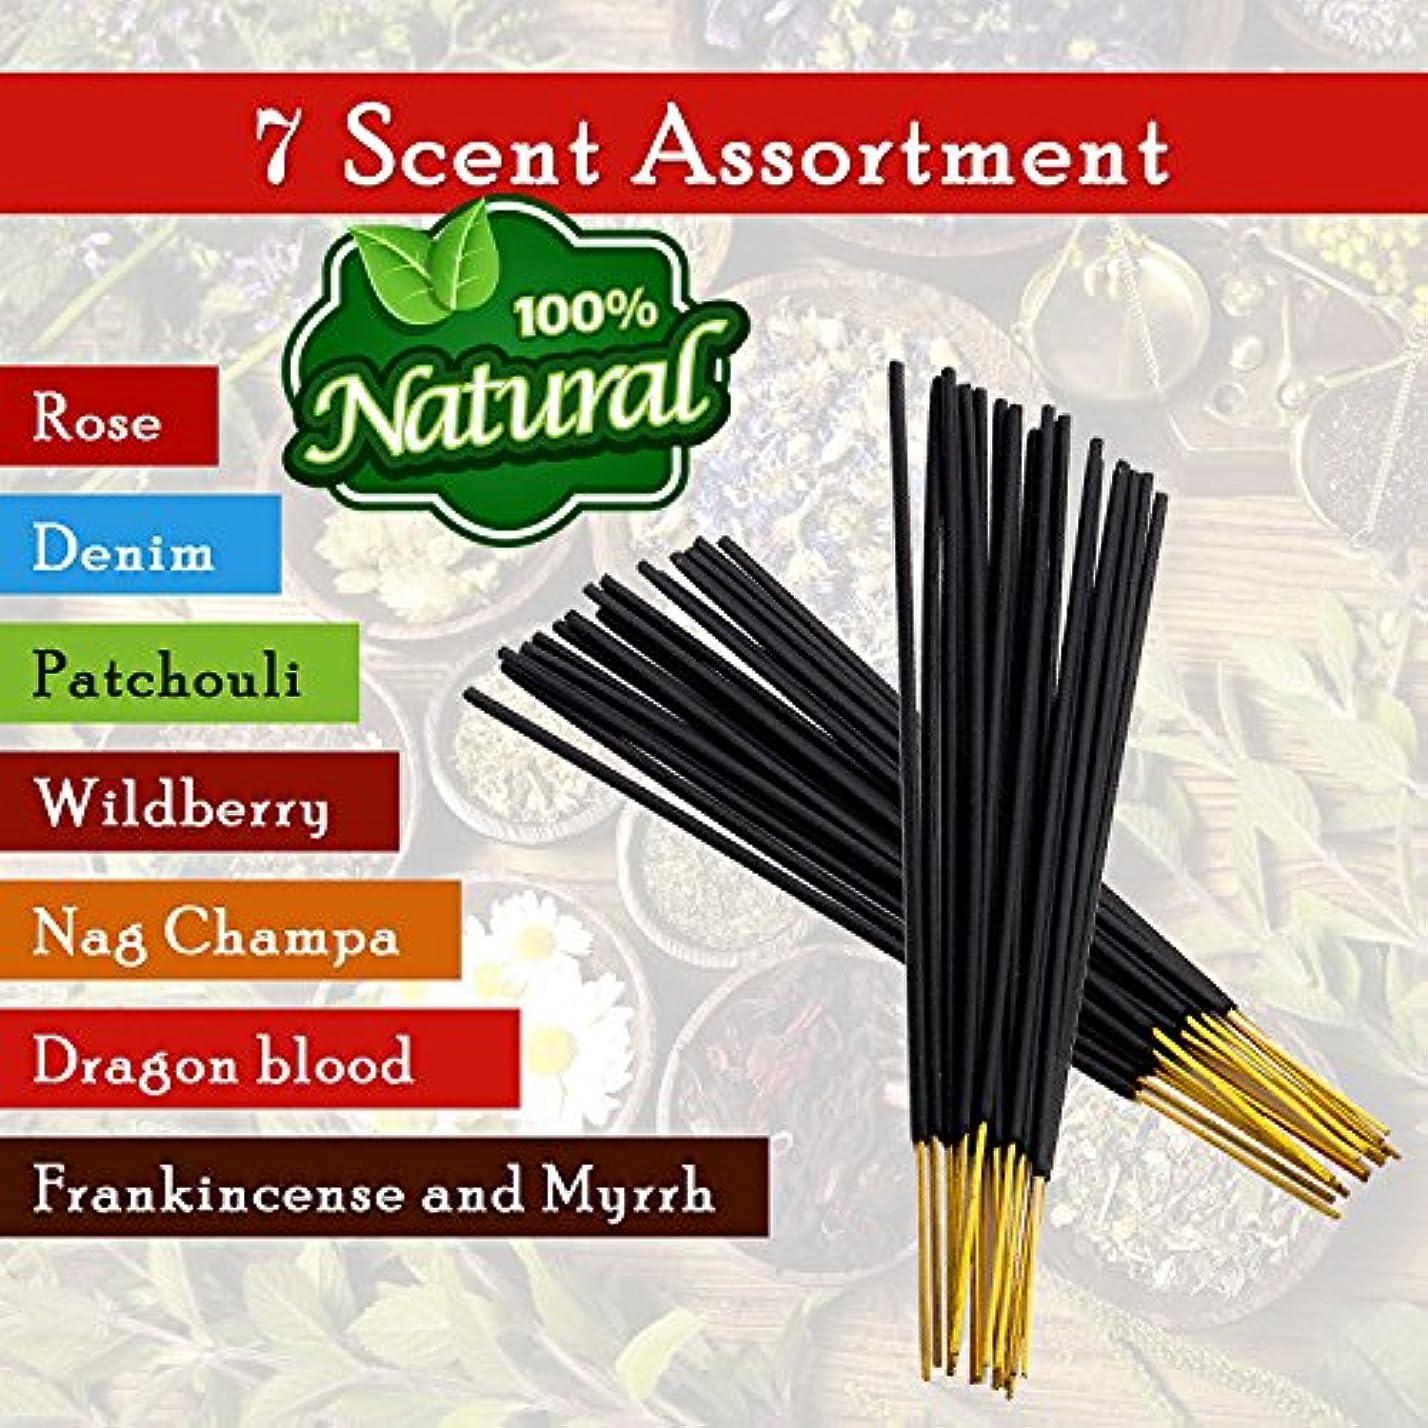 シーサイド抗生物質無臭7-assorted-scents-Frankincense-and-Myrrh-Patchouli-Denim-Rose Dragon-blood-Nag-champa-Wildberry 100%-Natural-Incense-Sticks...